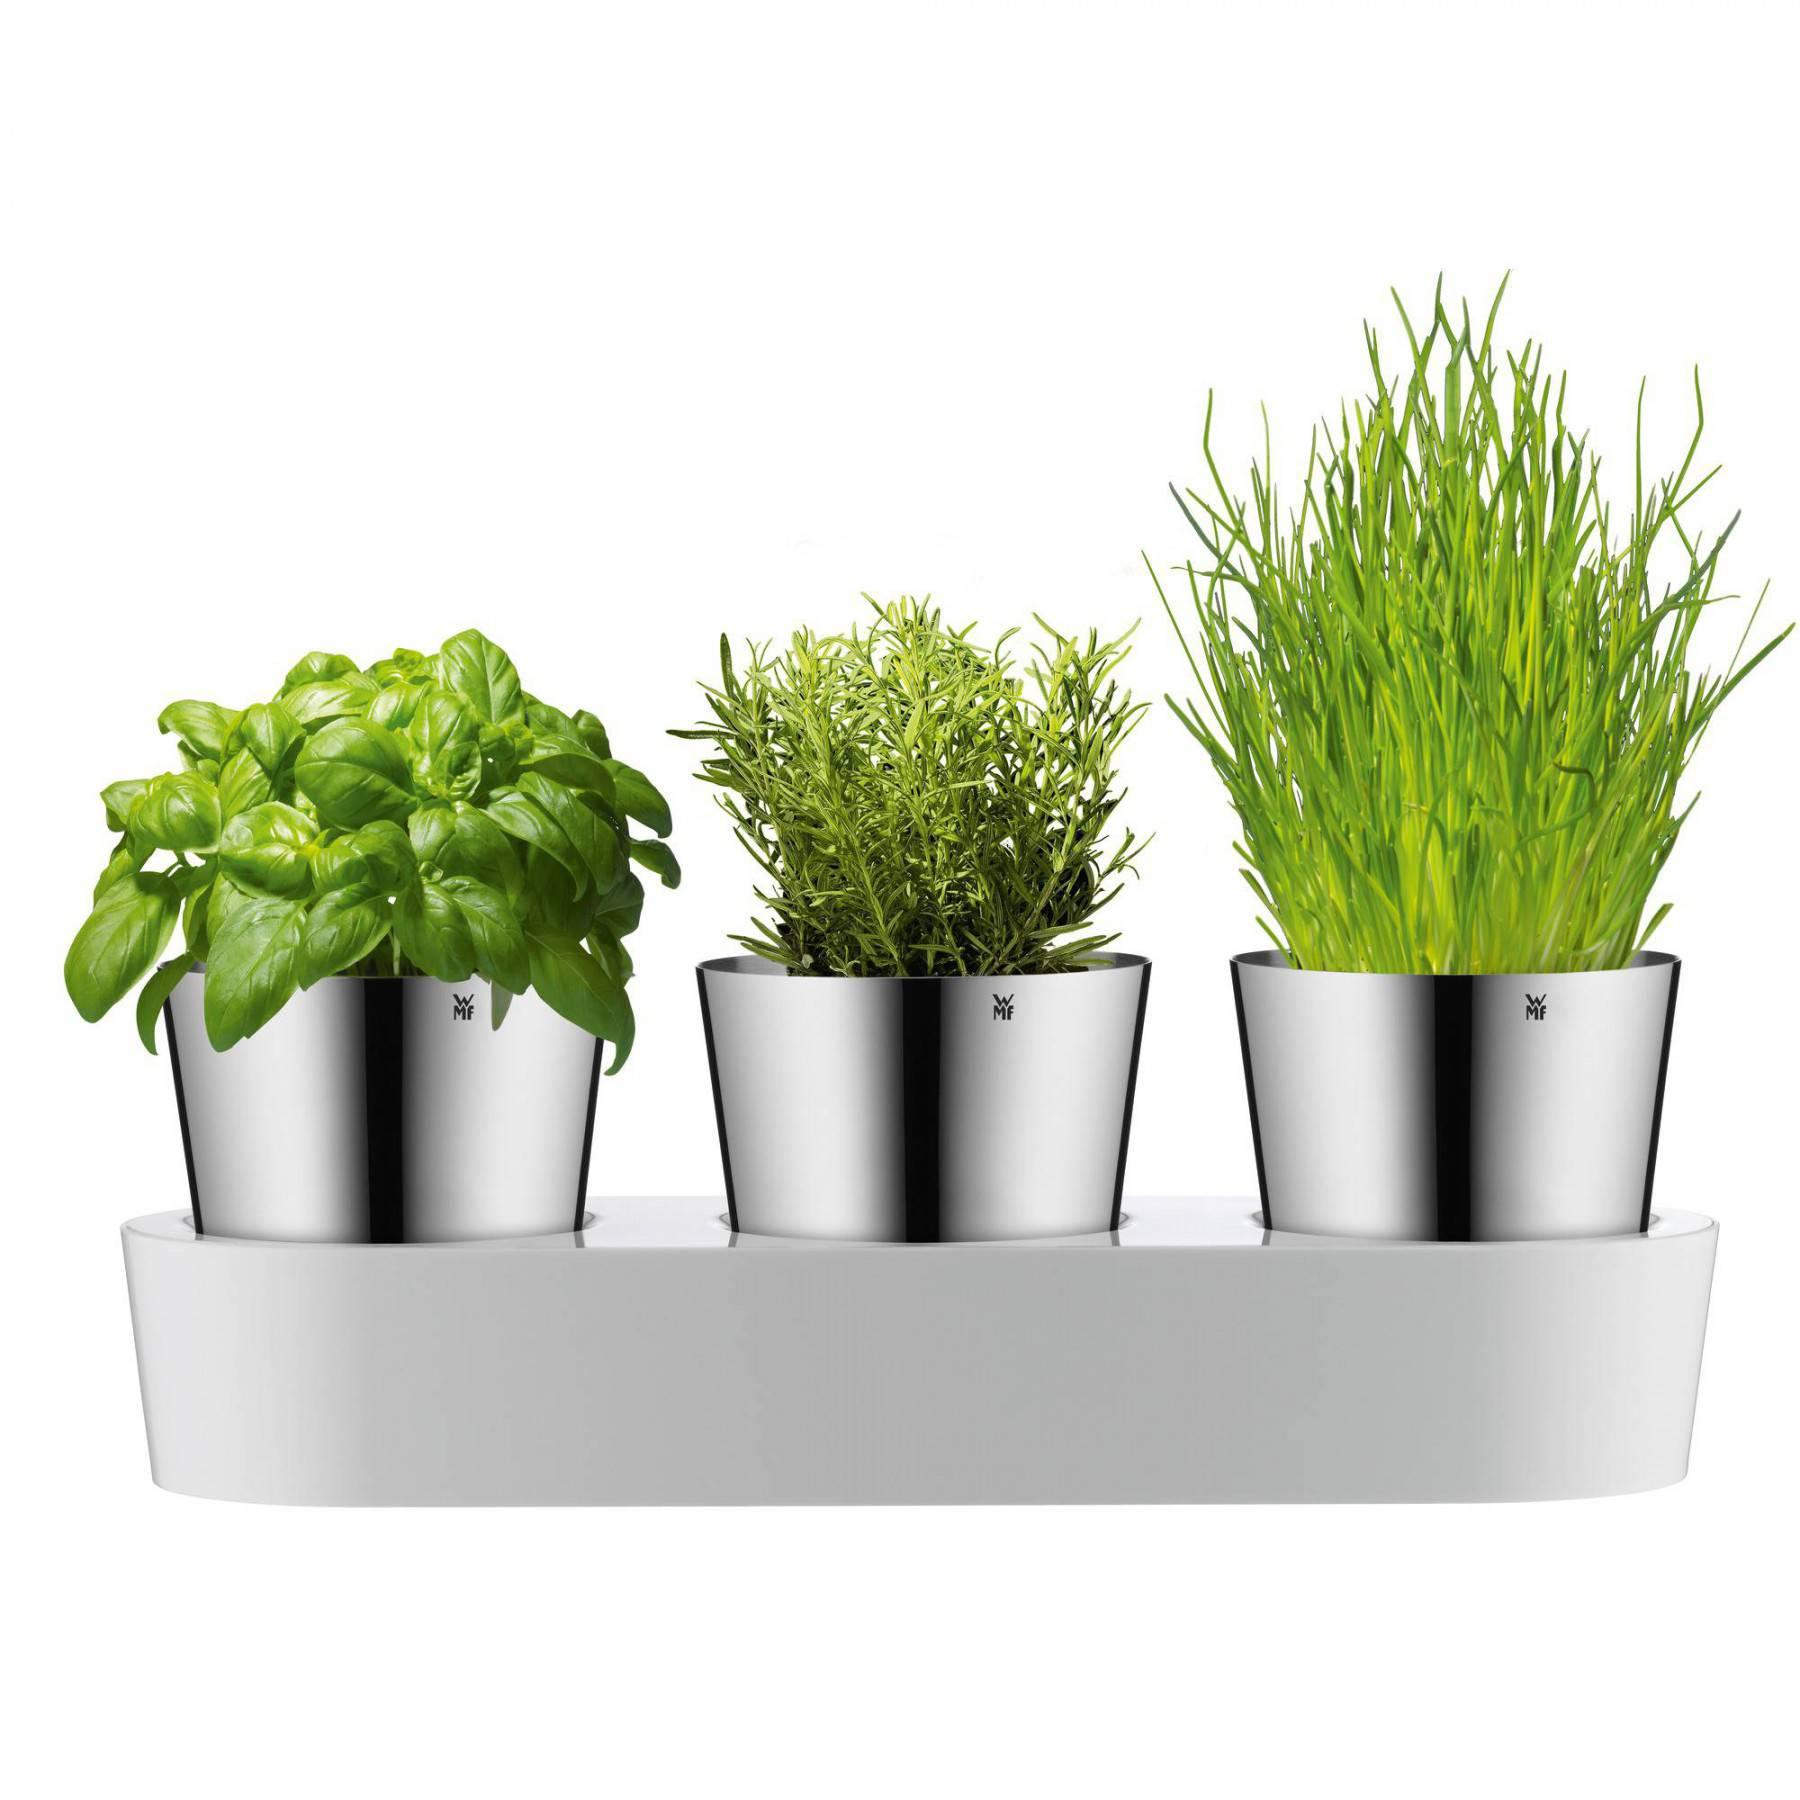 WMF Bylinková záhradka - 3 samozavlažovacie kvetináče Gourmet